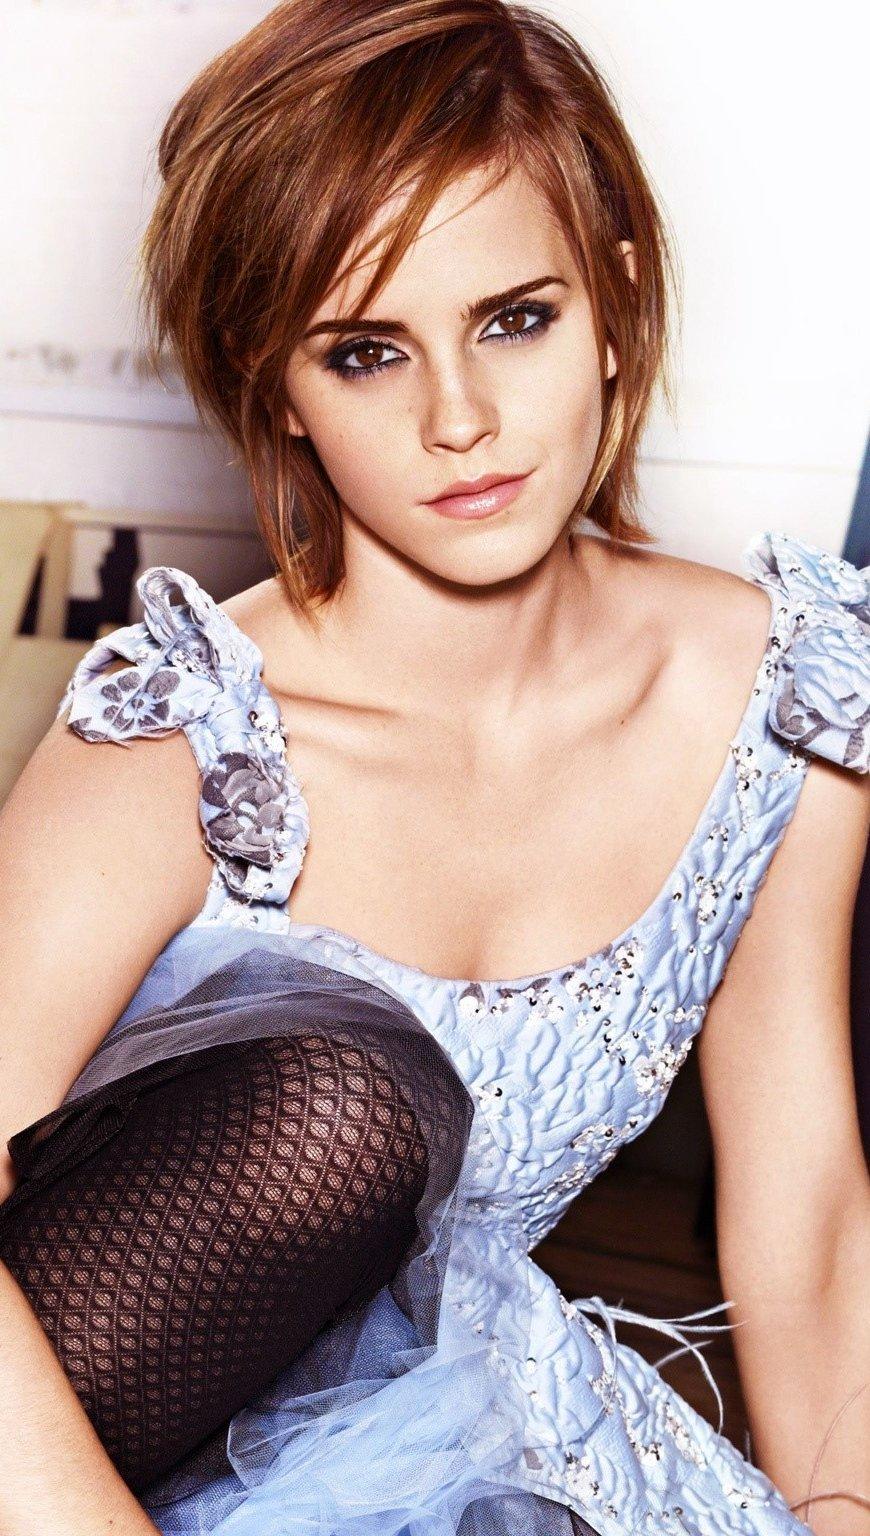 Wallpaper Emma Watson 2 Vertical